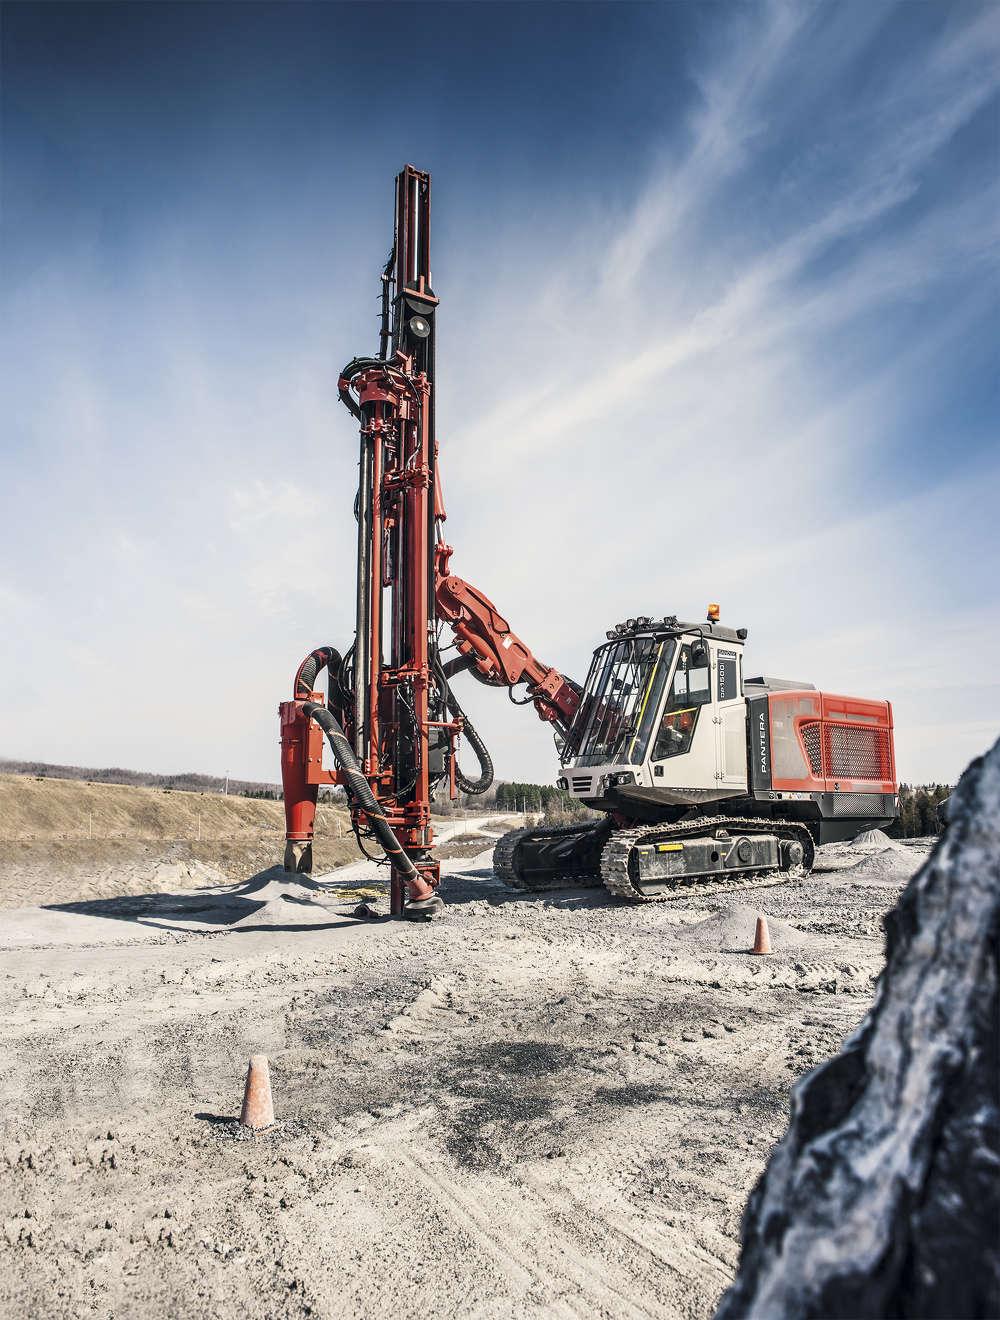 Pantera Dpi surface drilling rig.